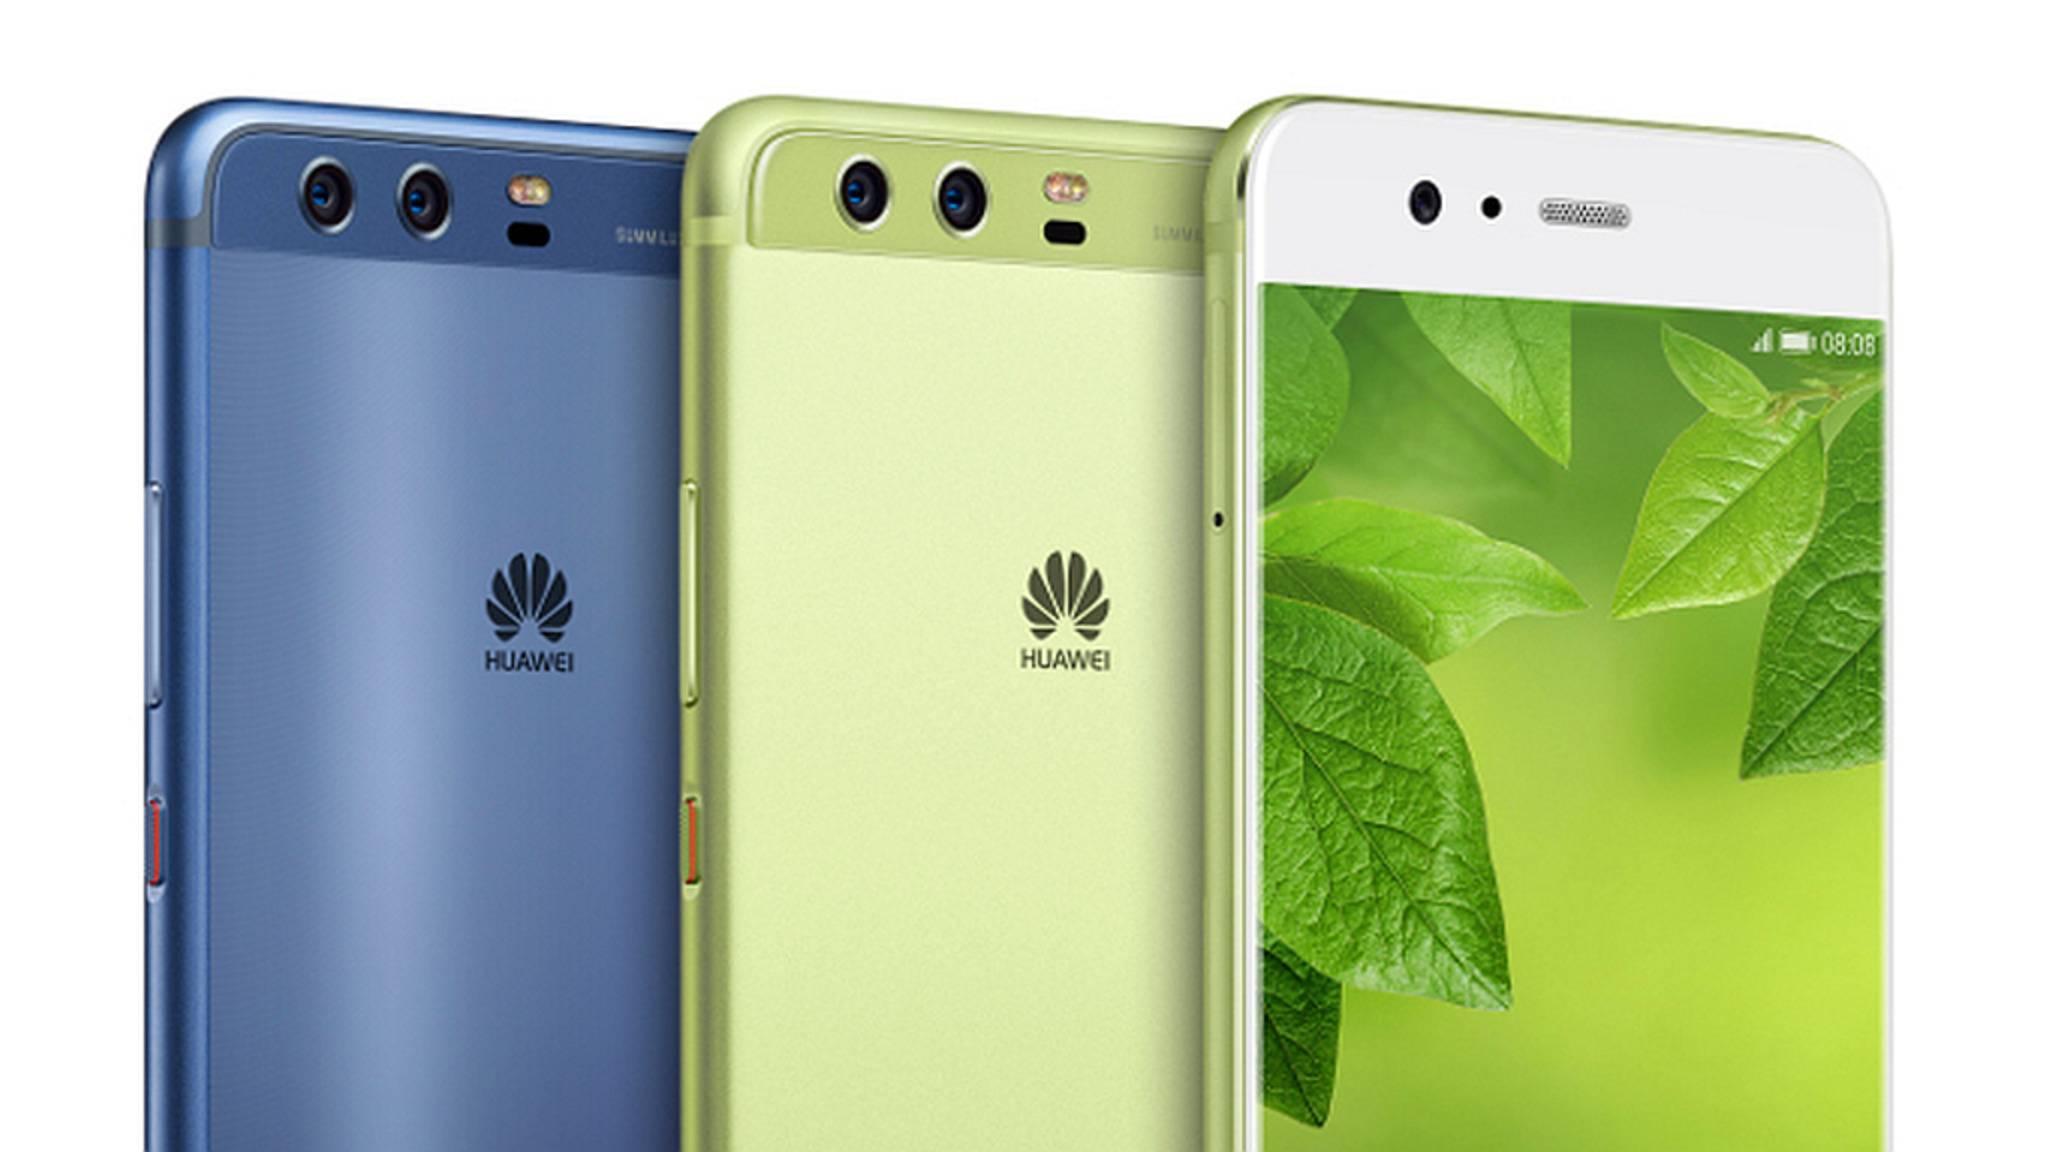 Das Huawei P10 fällt durch sein buntes Gehäuse schnell auf.